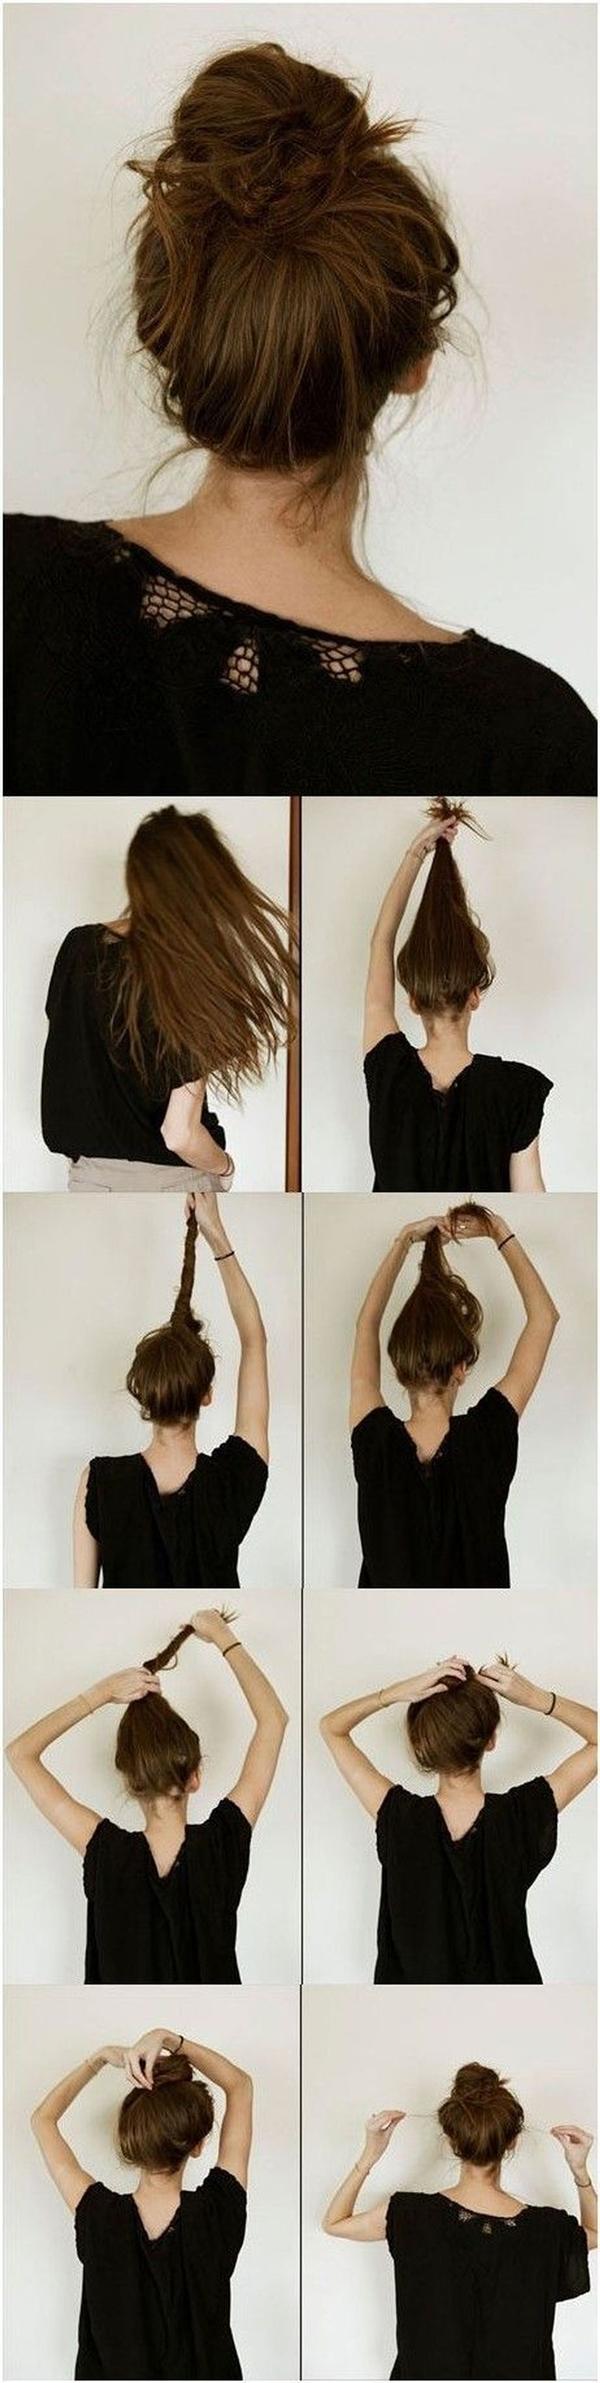 Hướng dẫn thực hiện kiểu tóc búi rối đỉnh đầu.